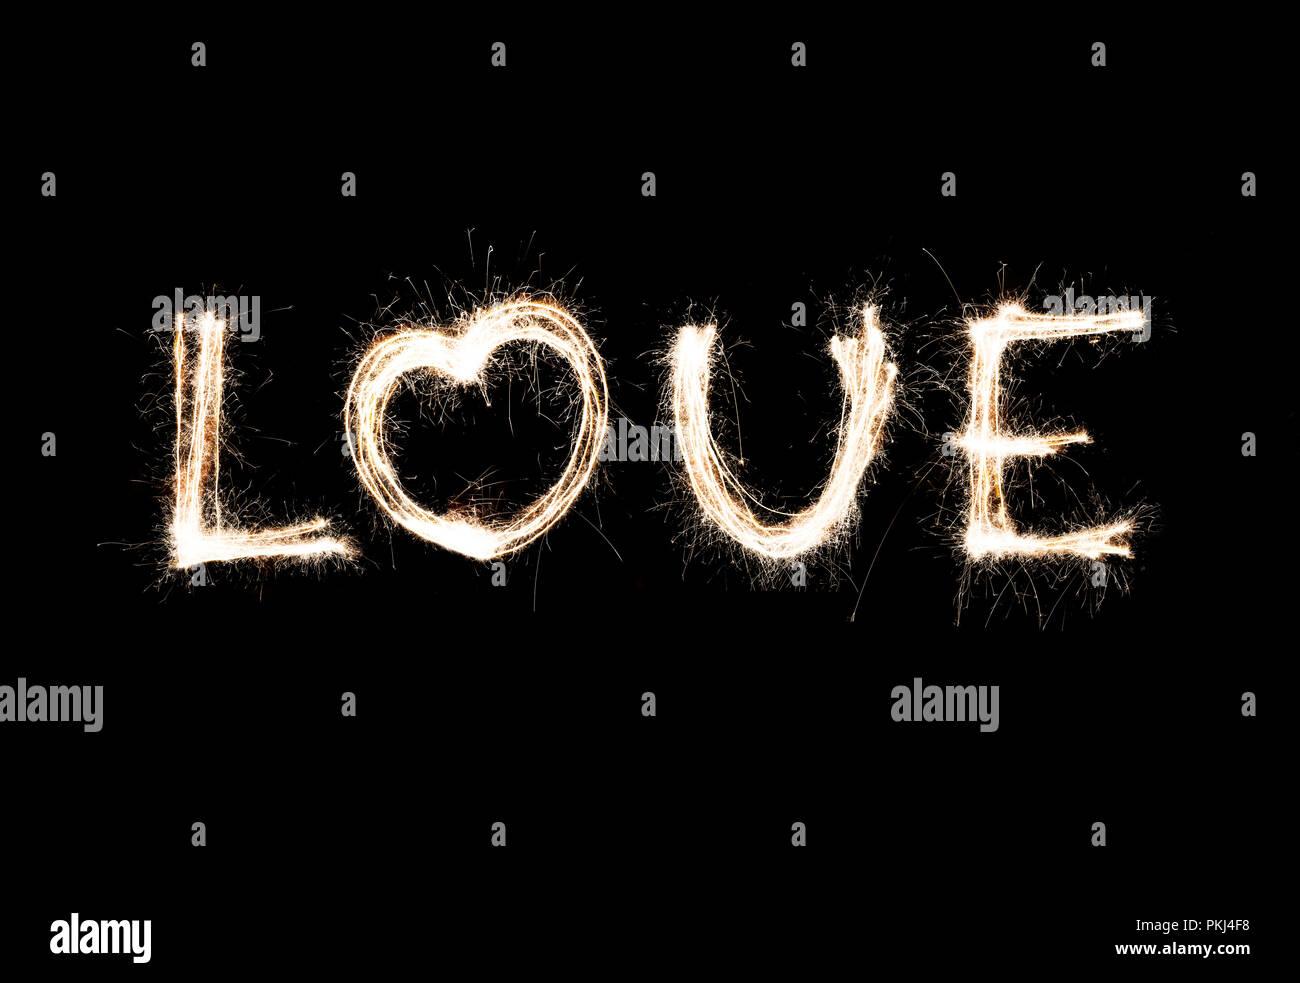 Mot amour et coeur de feux de Bengale. L'amour de l'étincelle Banque D'Images